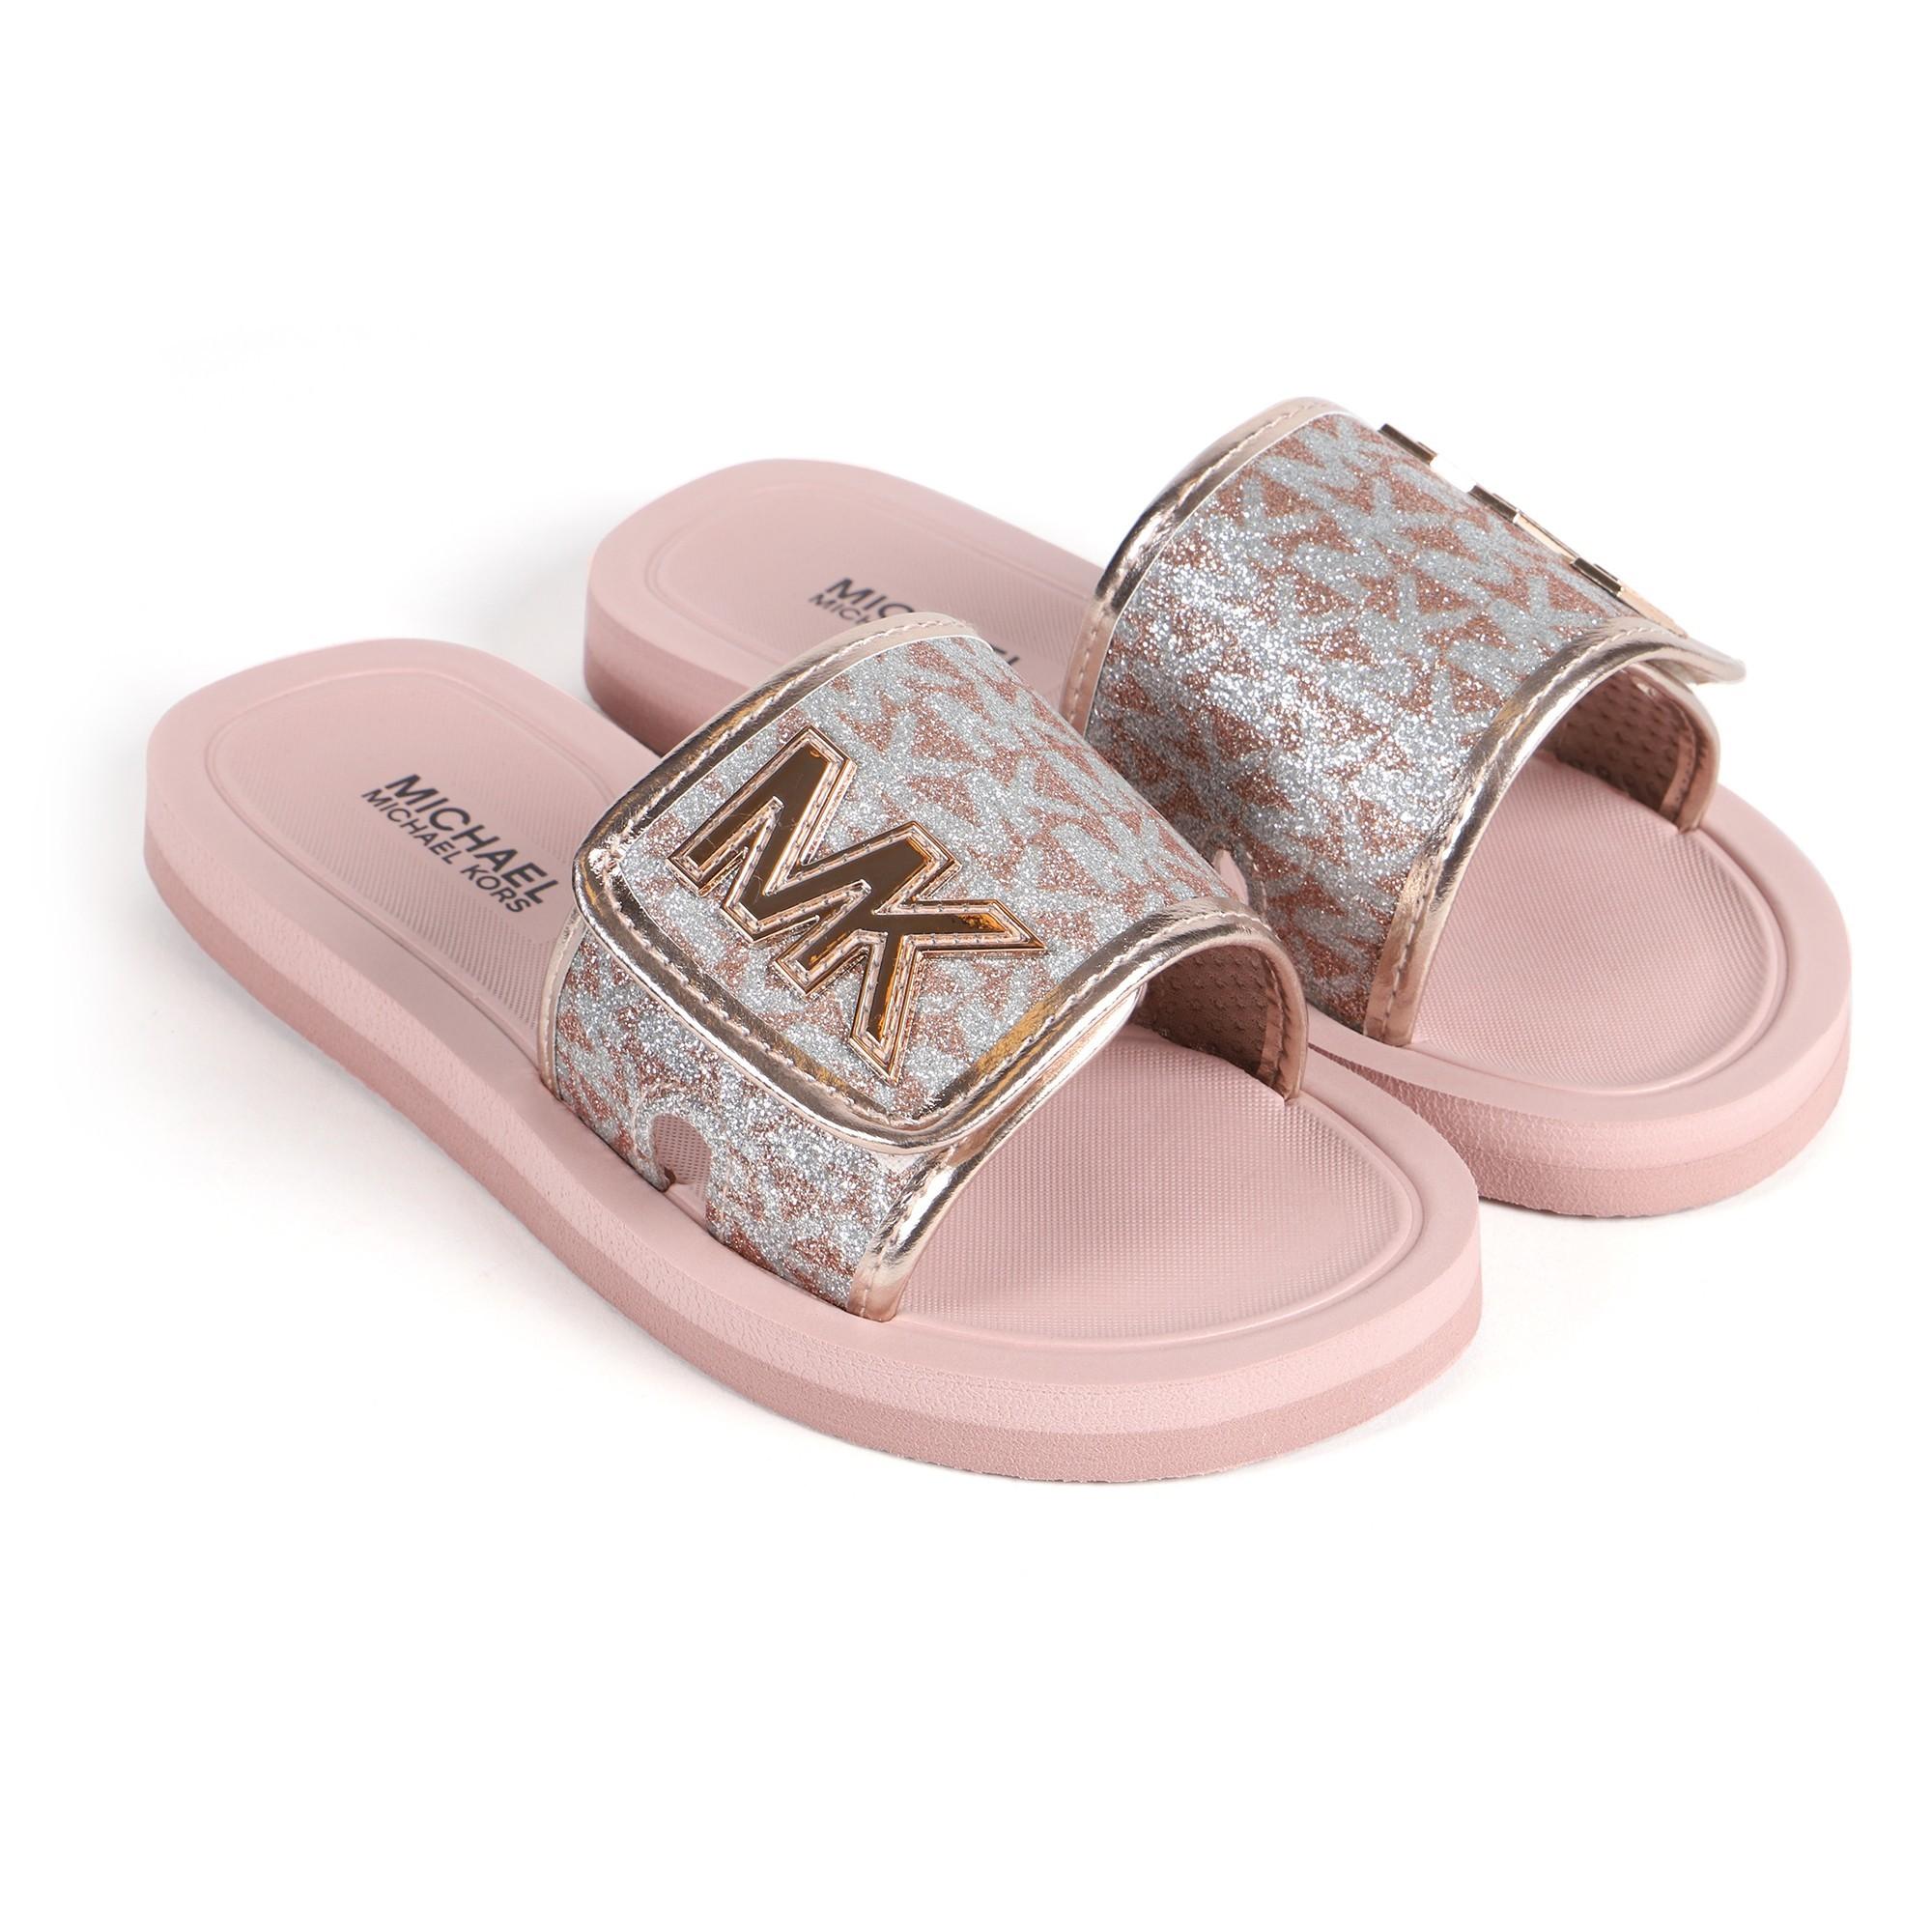 Michael Kors Girls Glitter Slide